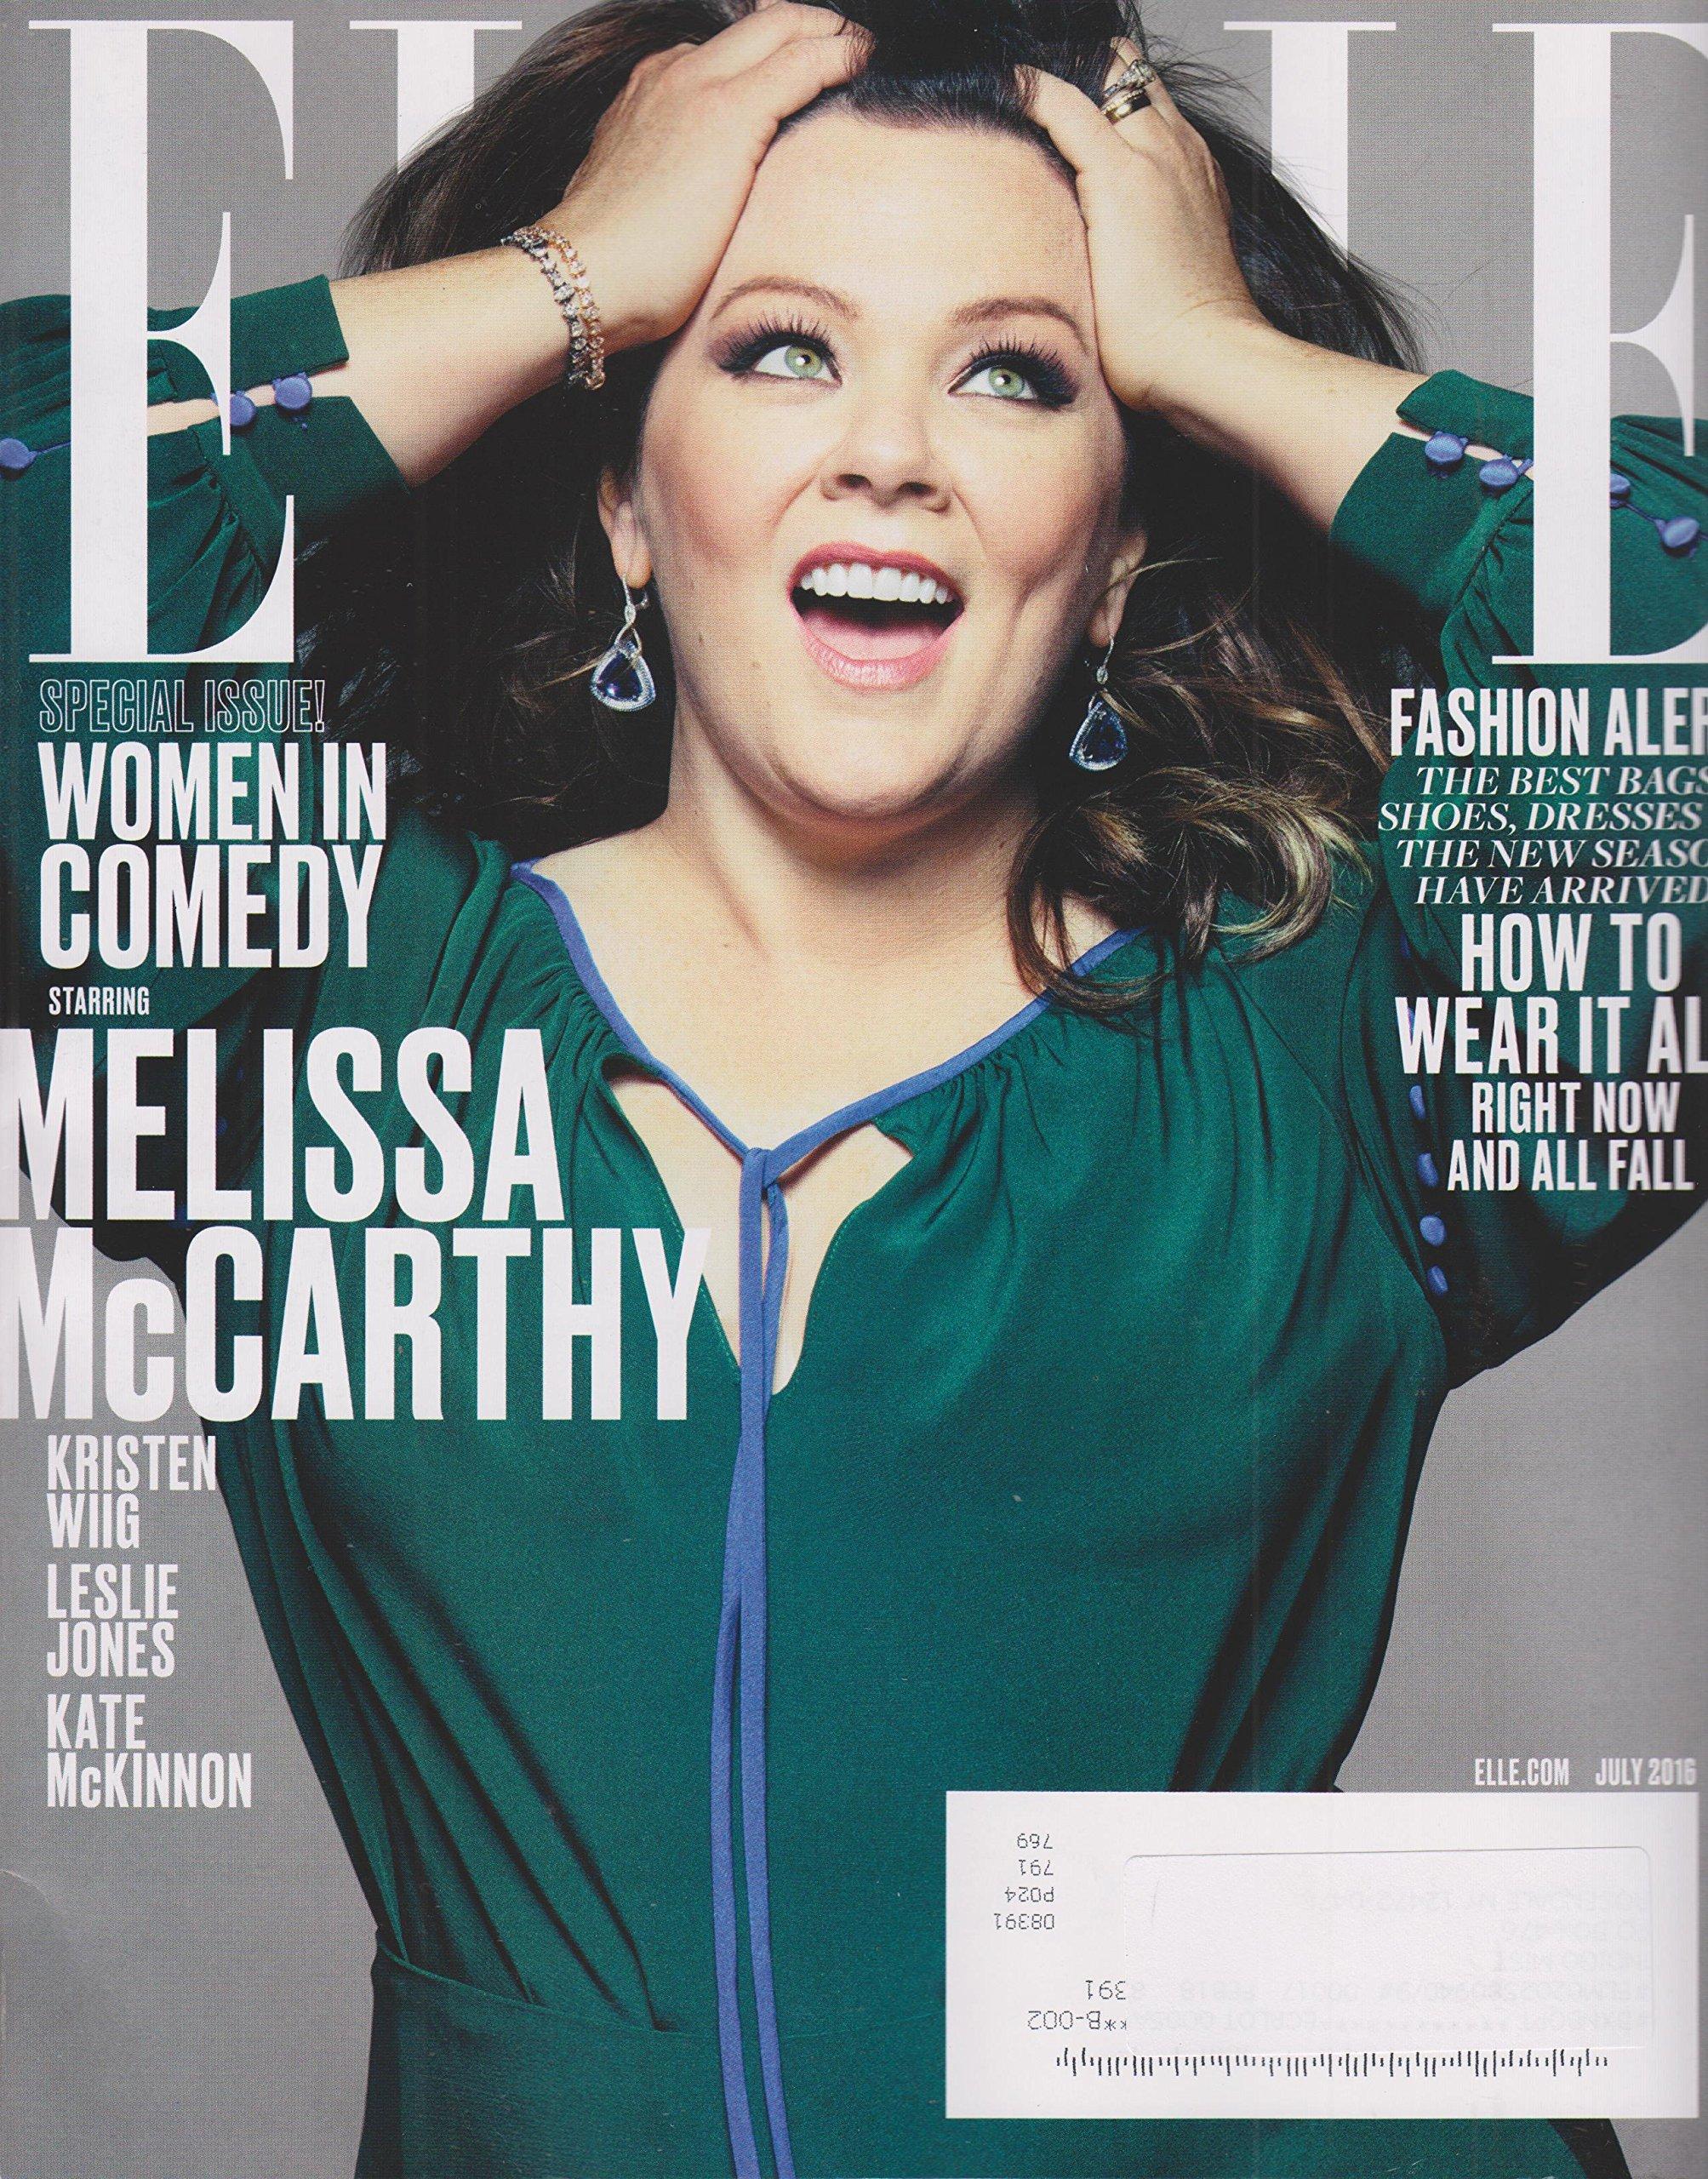 Download Elle July 2016 Women in Comedy Starring Melissa McCarthy ebook